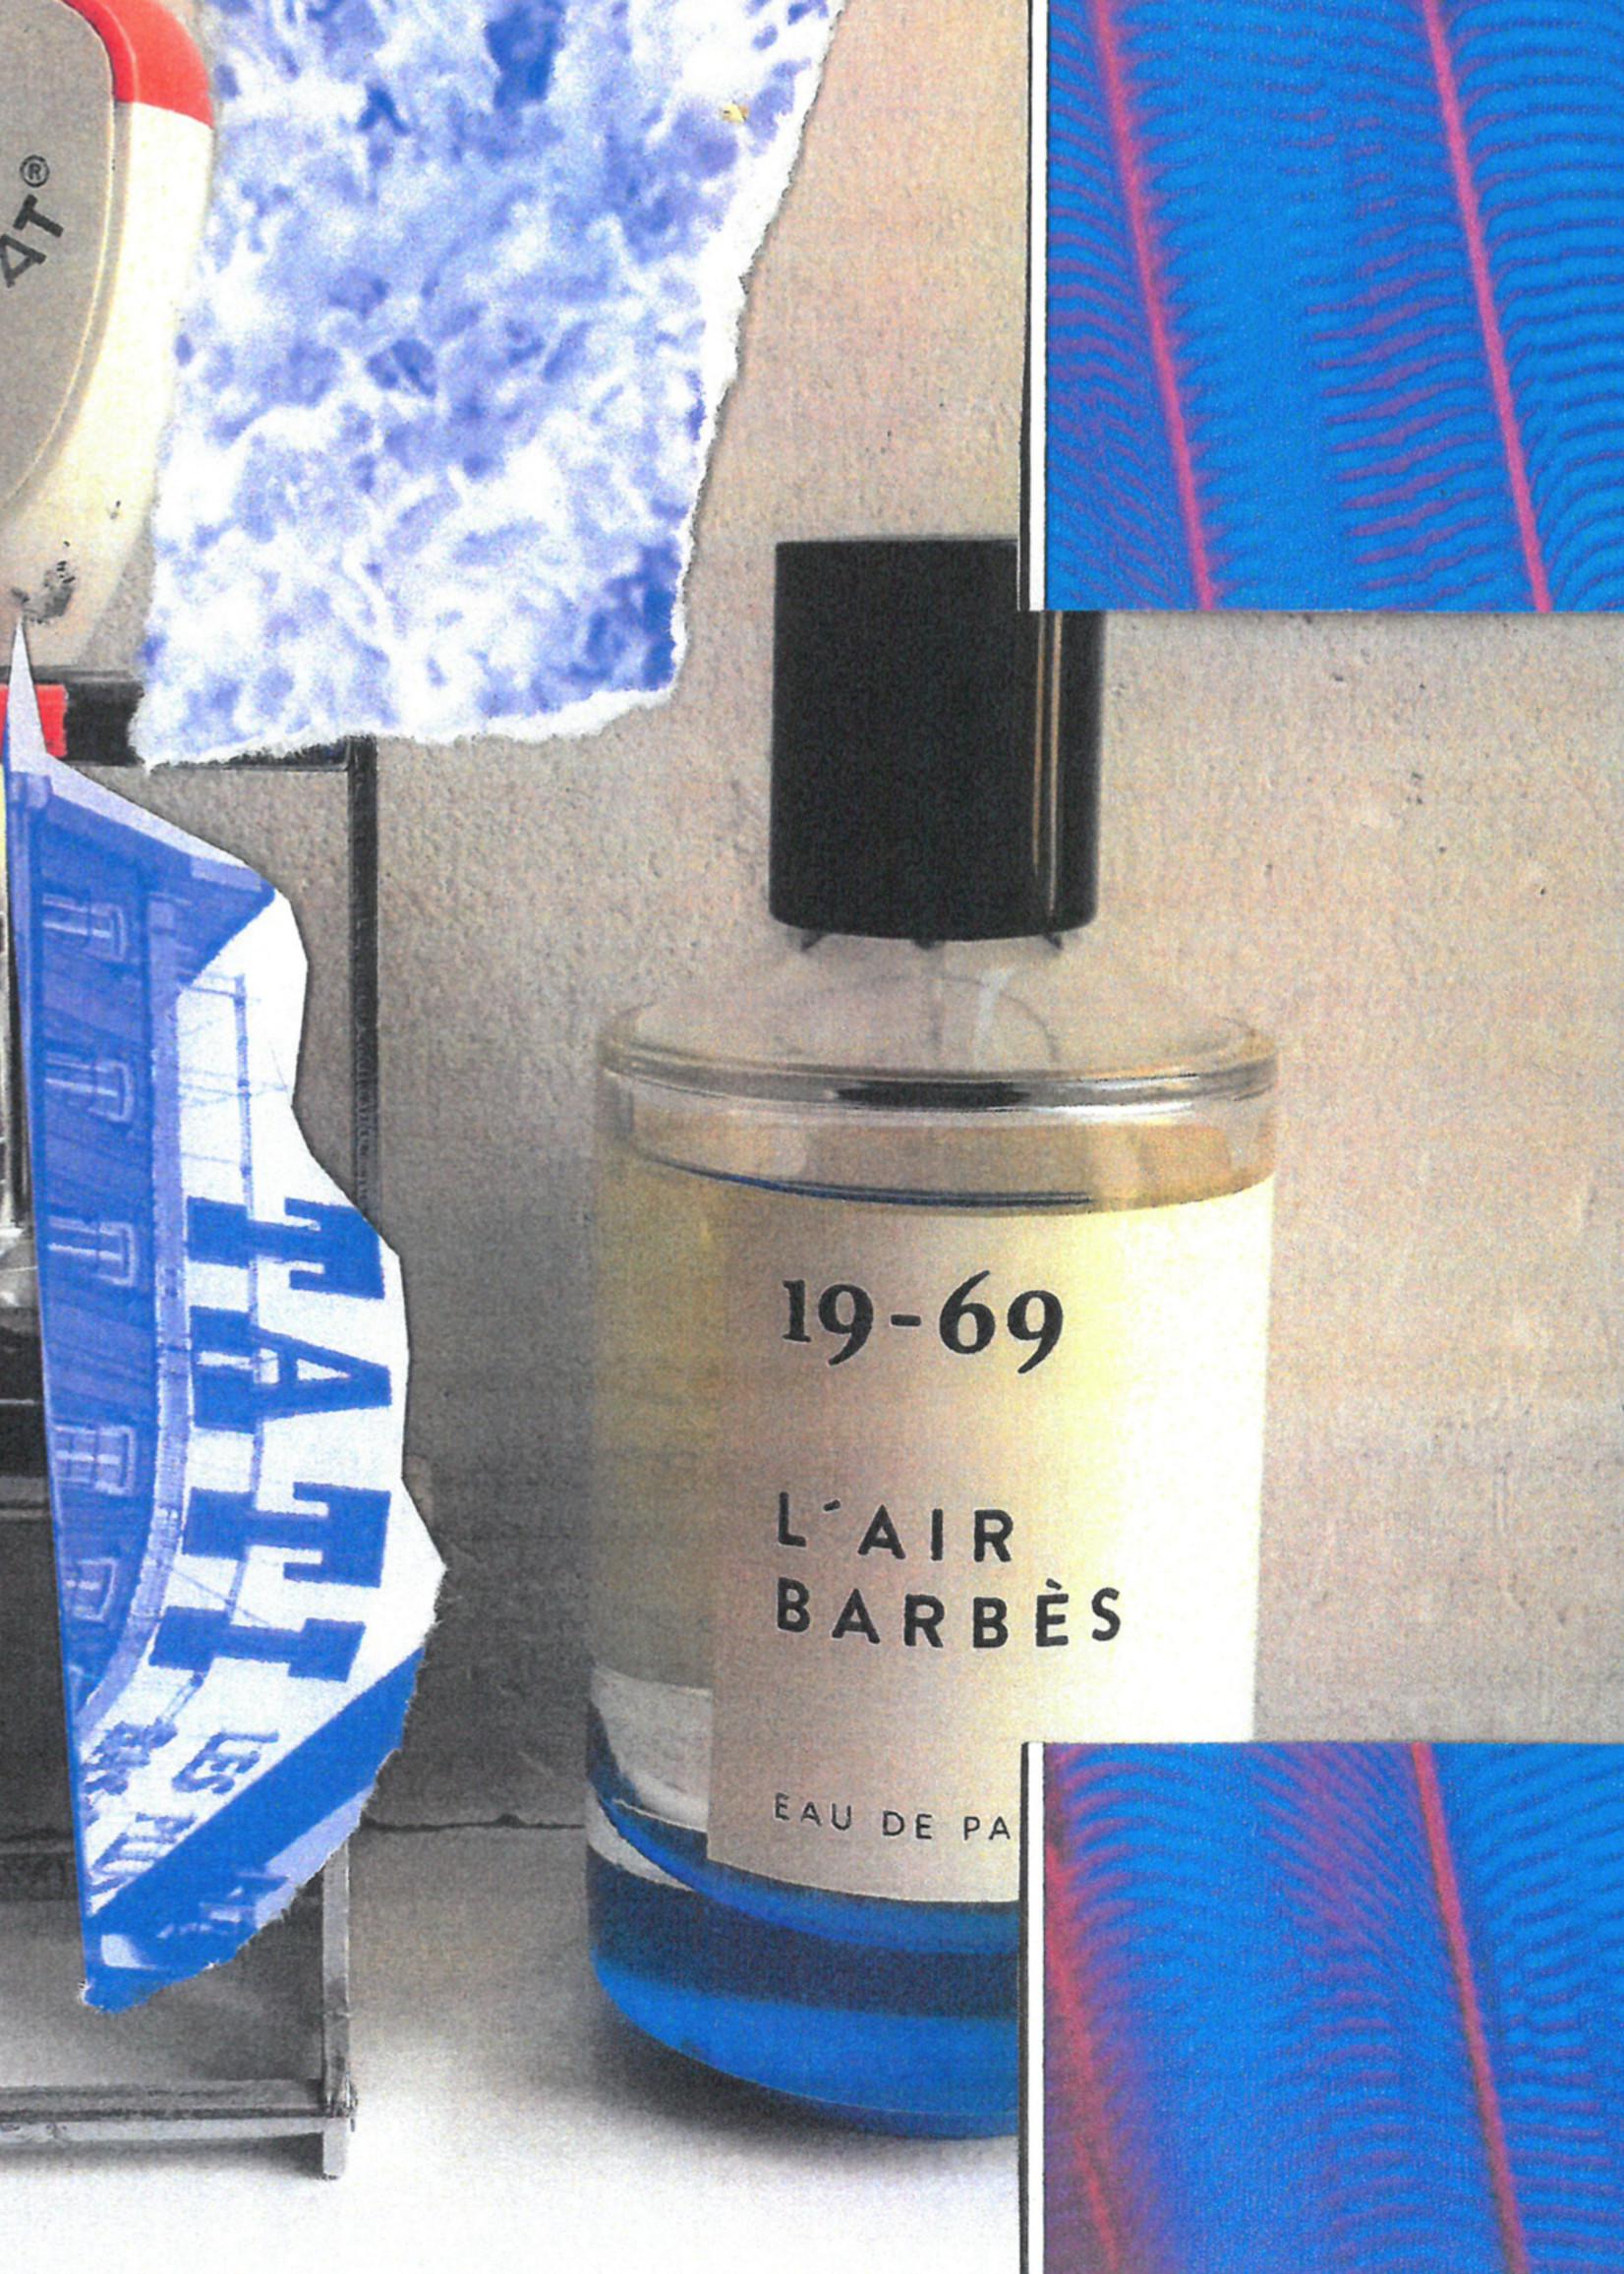 Nineteen Sixty Nine Nineteen sixty nine - L'air Barbès - Eau de Parfum